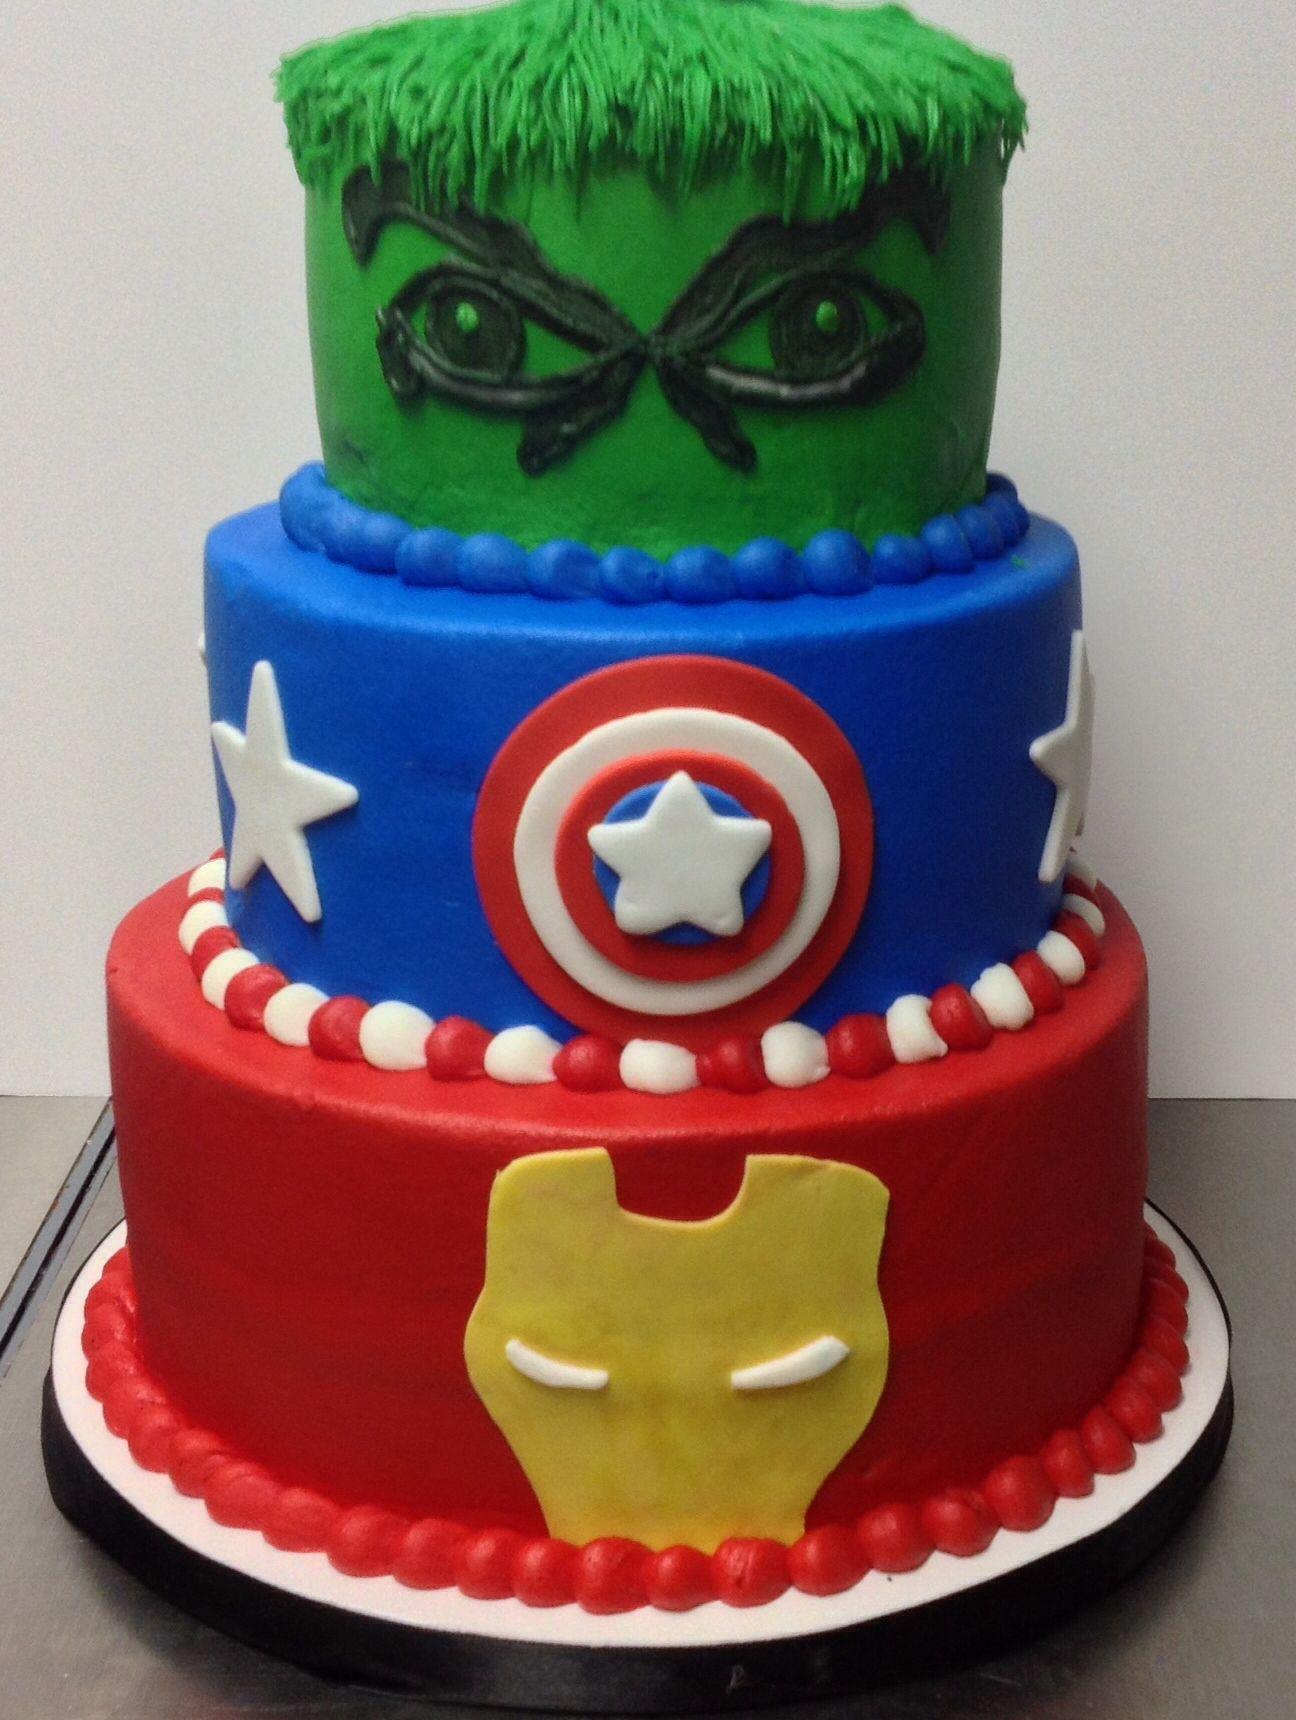 Marvel | Cakes we do | Pinterest | Pasteles dulces, Pastelitos y Dulces